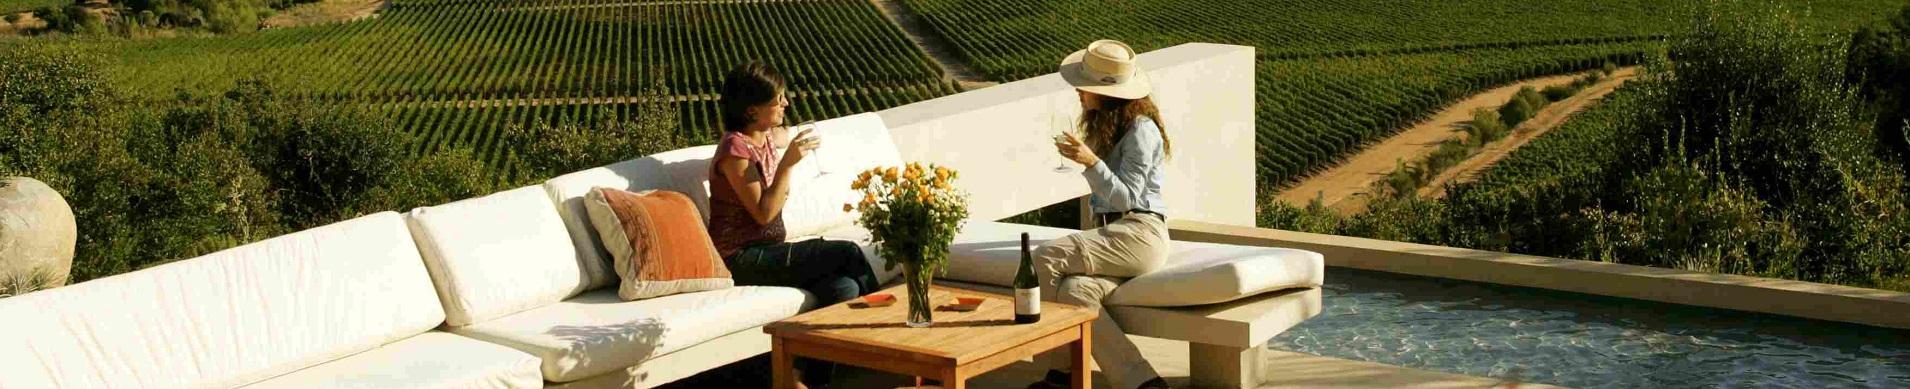 Ville in Sicilia per appasionati del vino